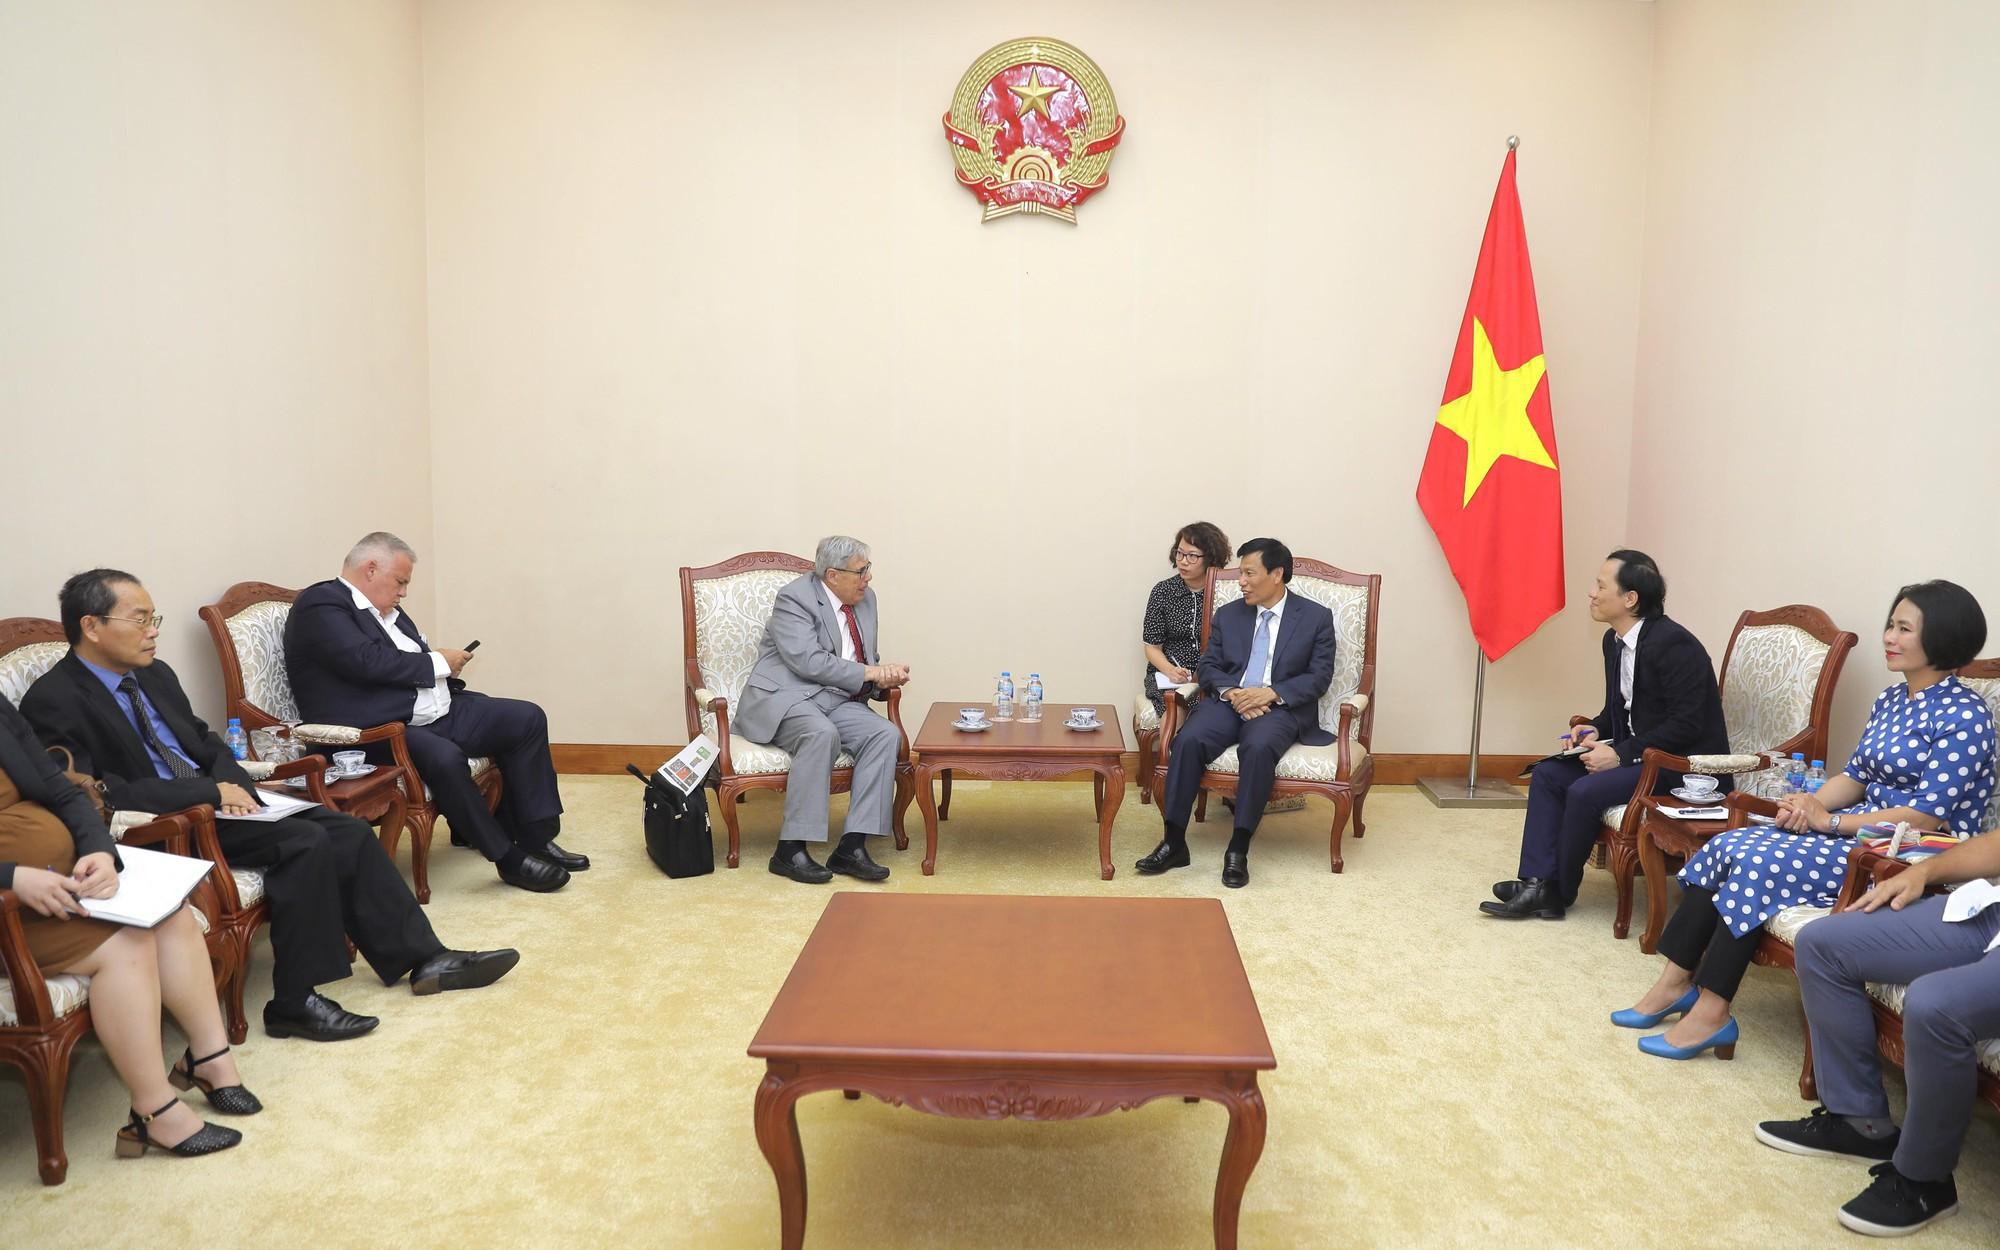 Ủng hộ việc Pháp đề xuất tổ chức giải Tennis tại Việt Nam vào năm 2020